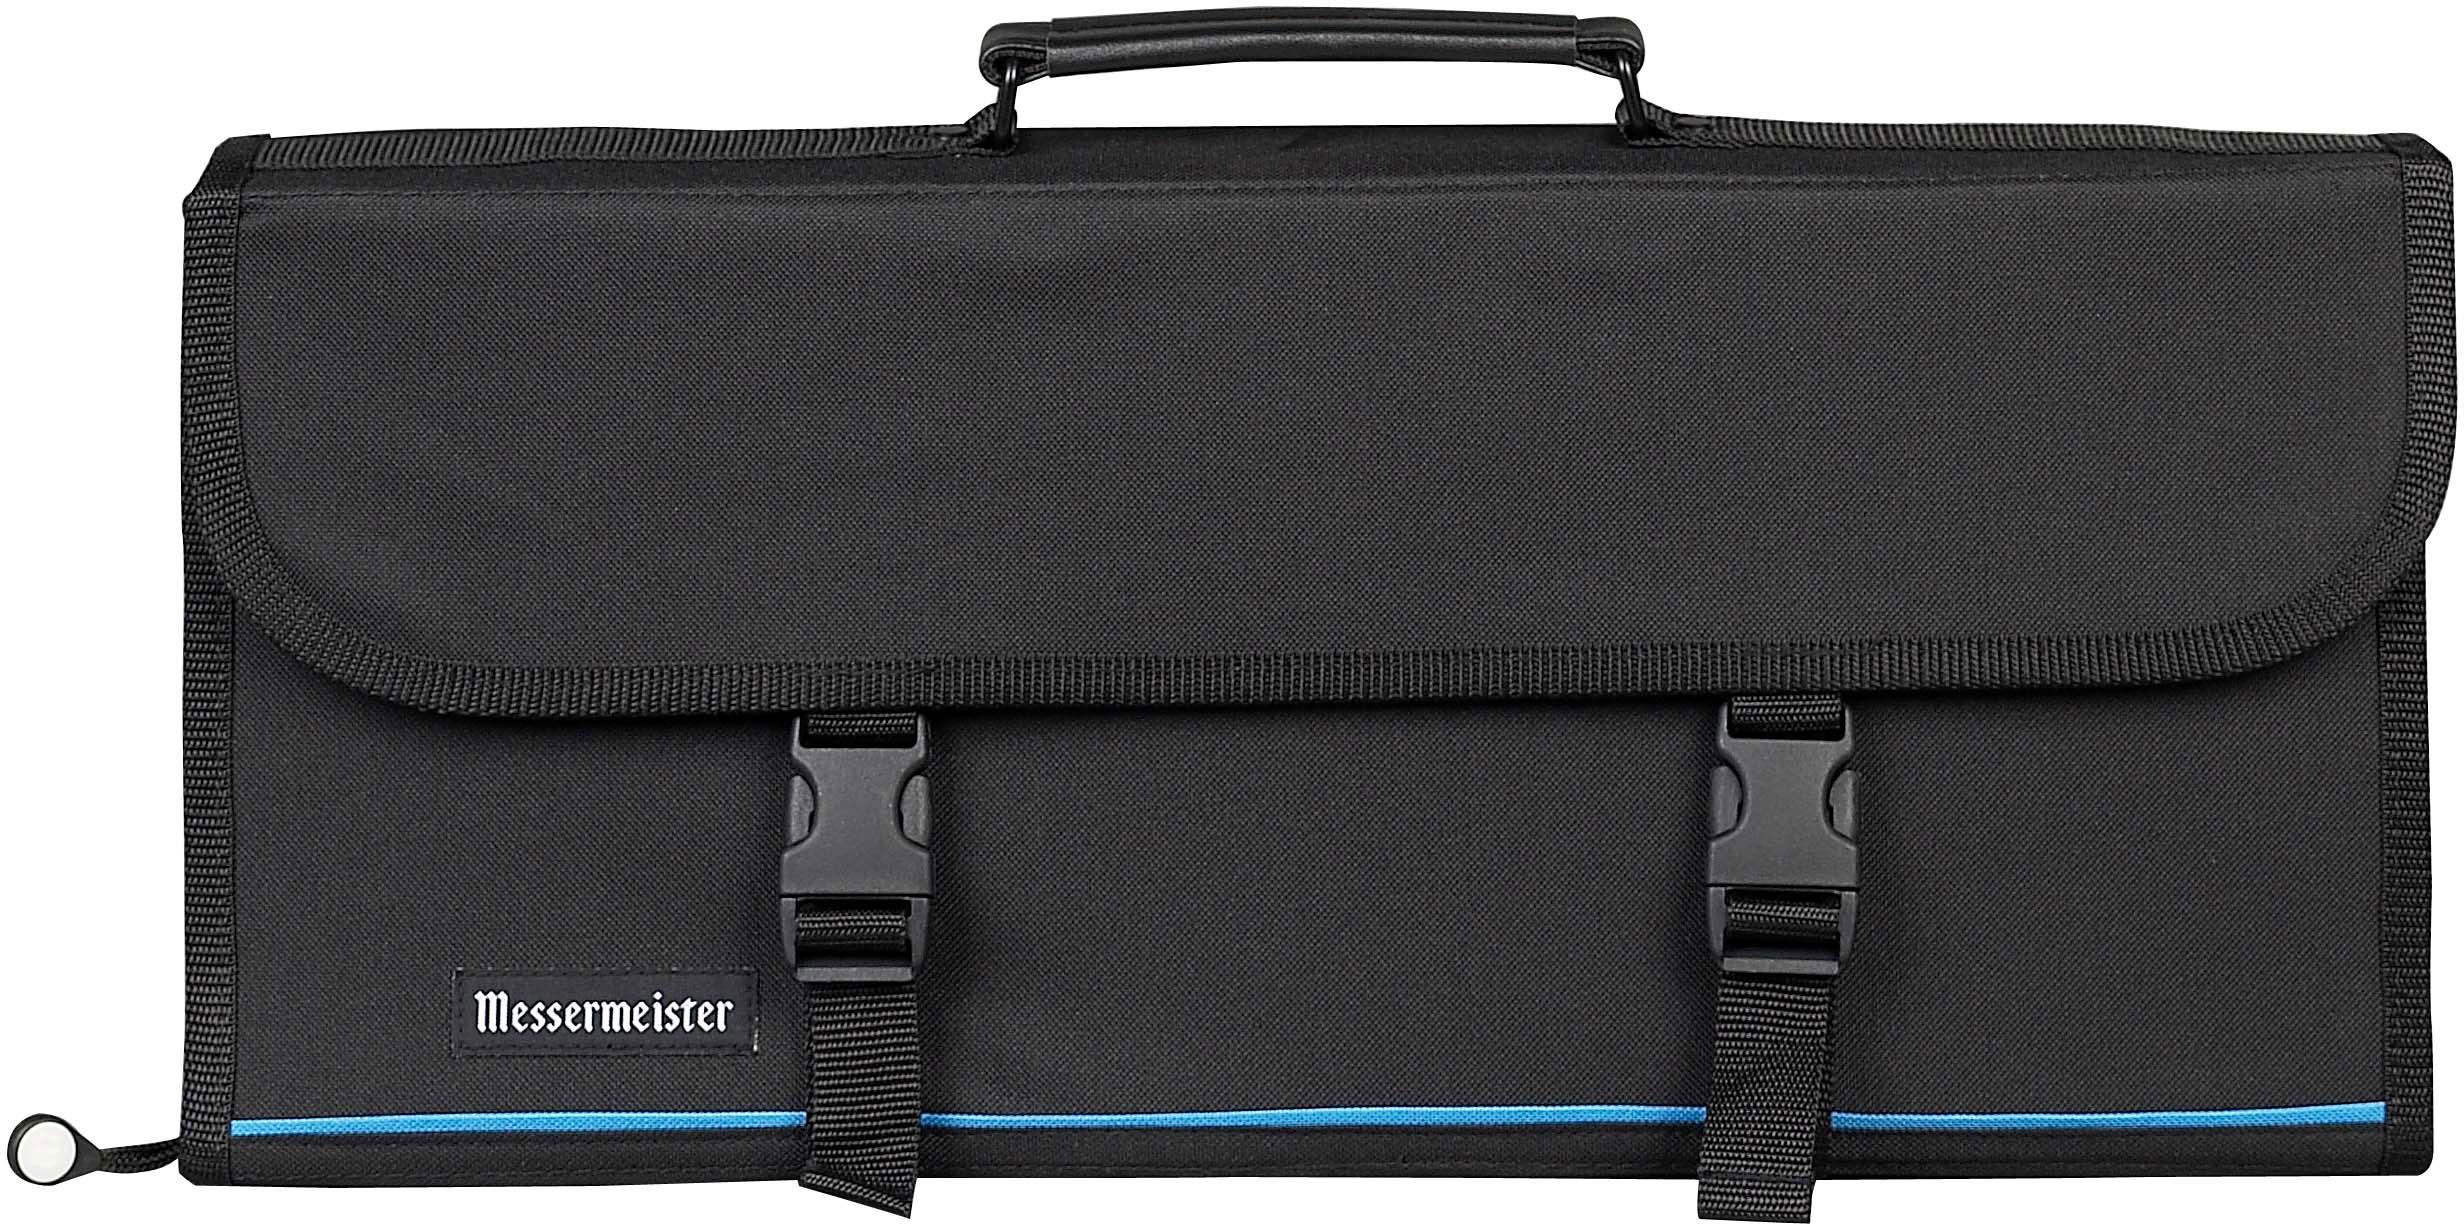 Messermeister Knife Luggage 17 Pocket Knife Case